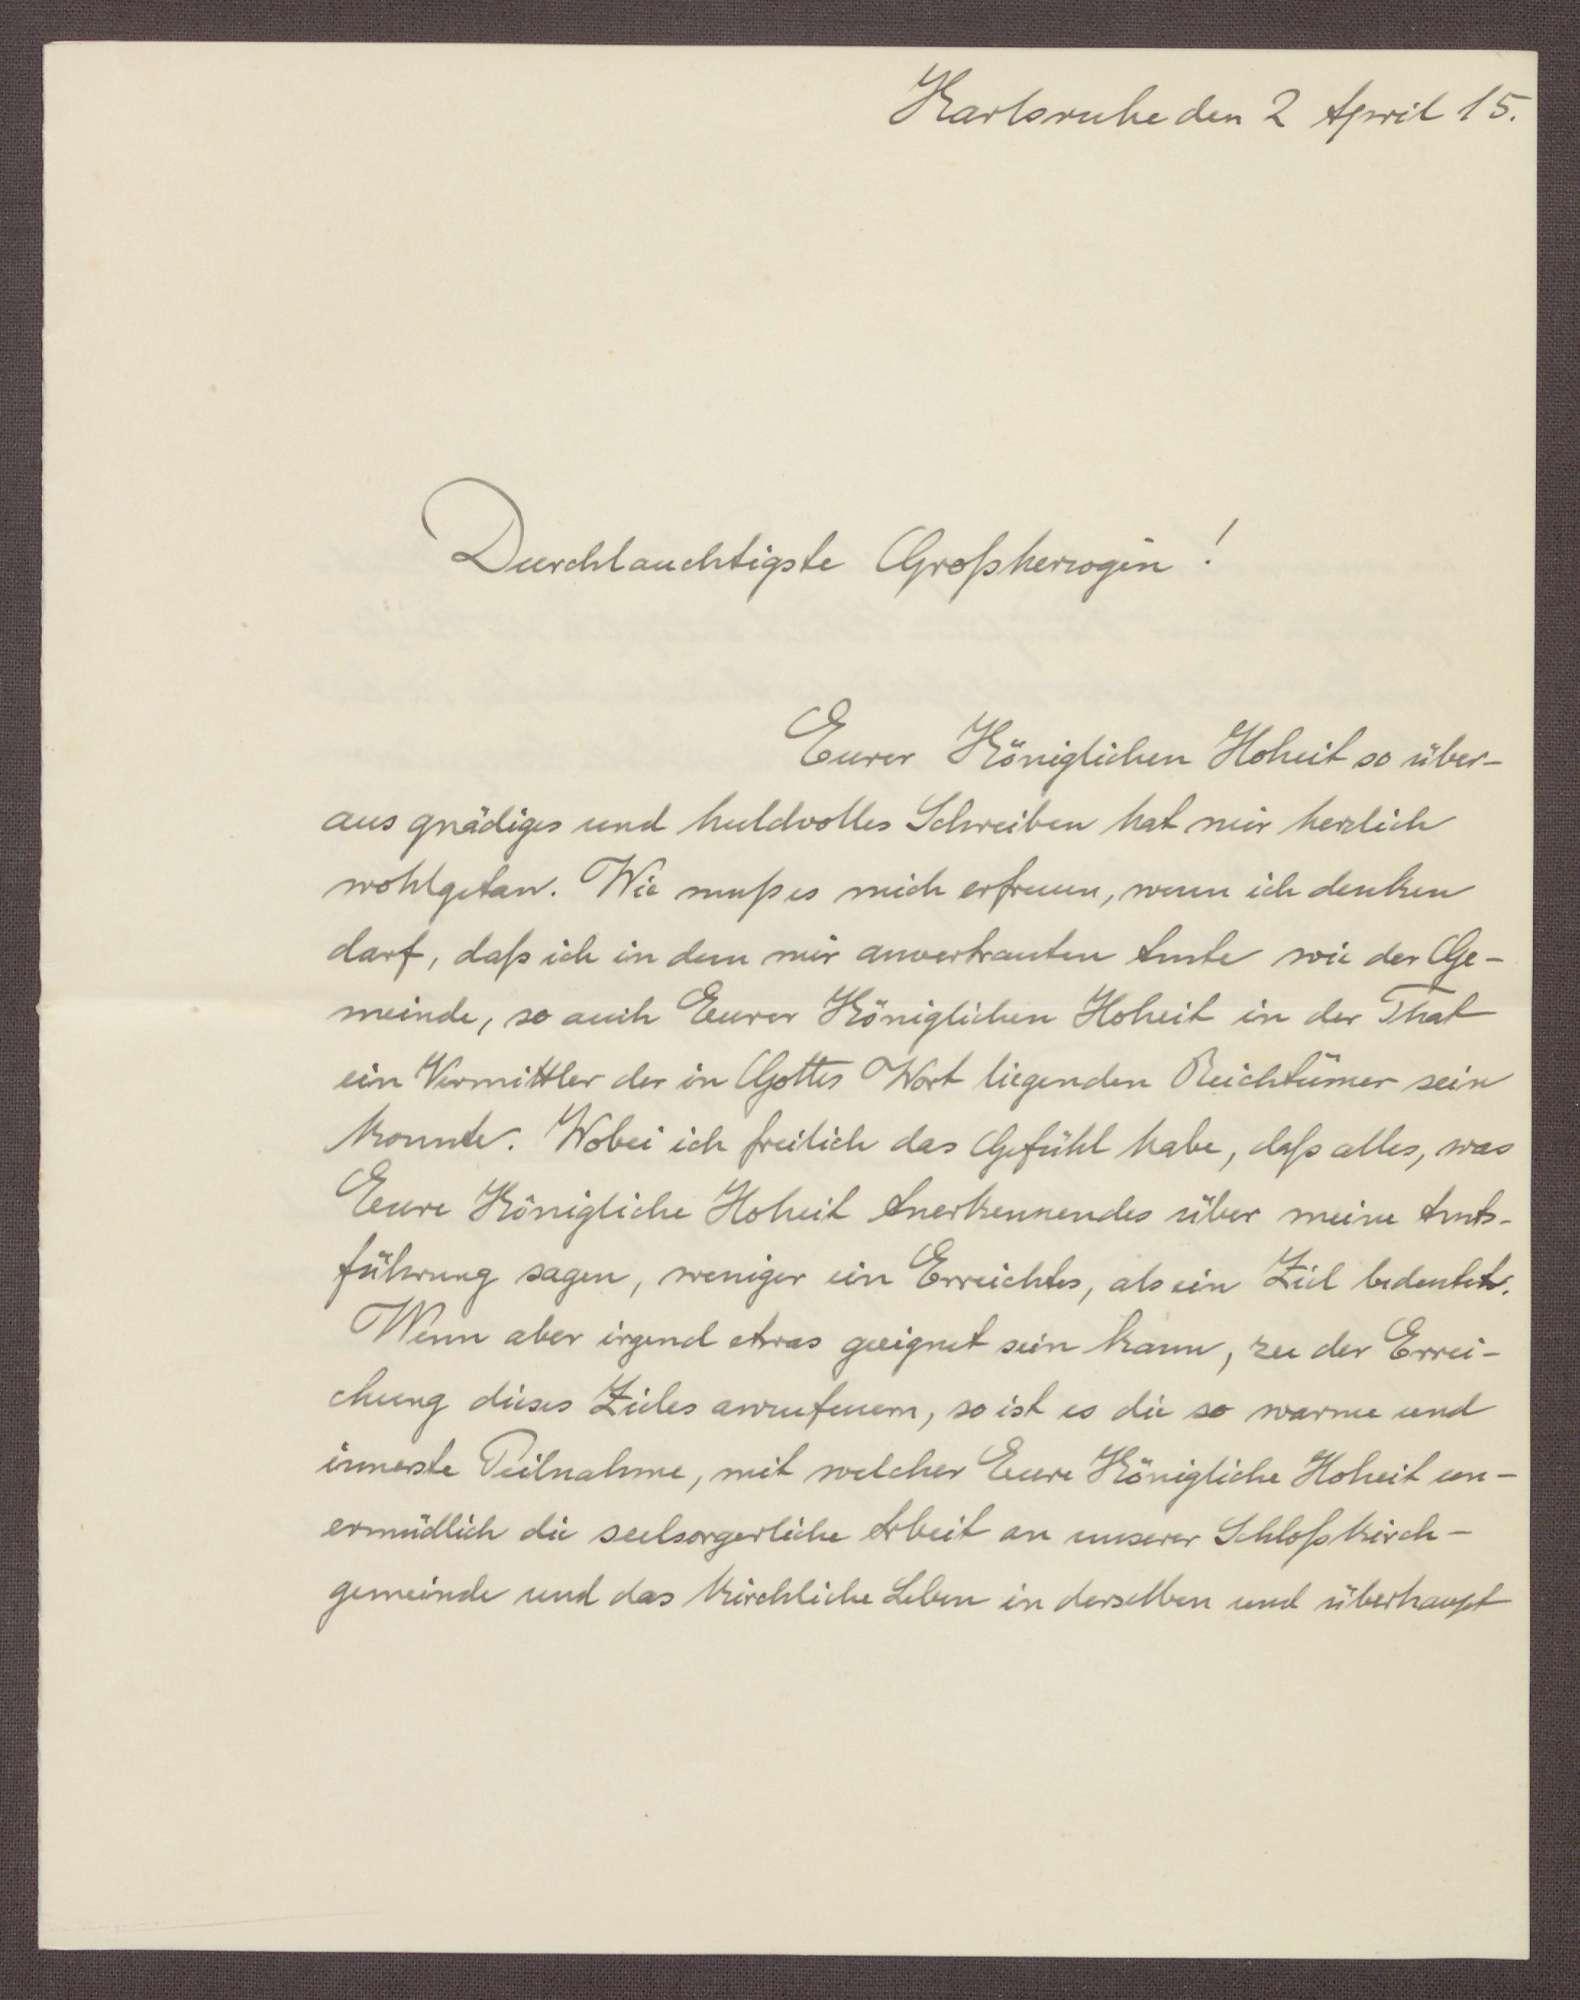 Schreiben von Ernst Fischer an die Großherzogin Luise; Dank für die Übersendung eines Schreibens, Bild 1